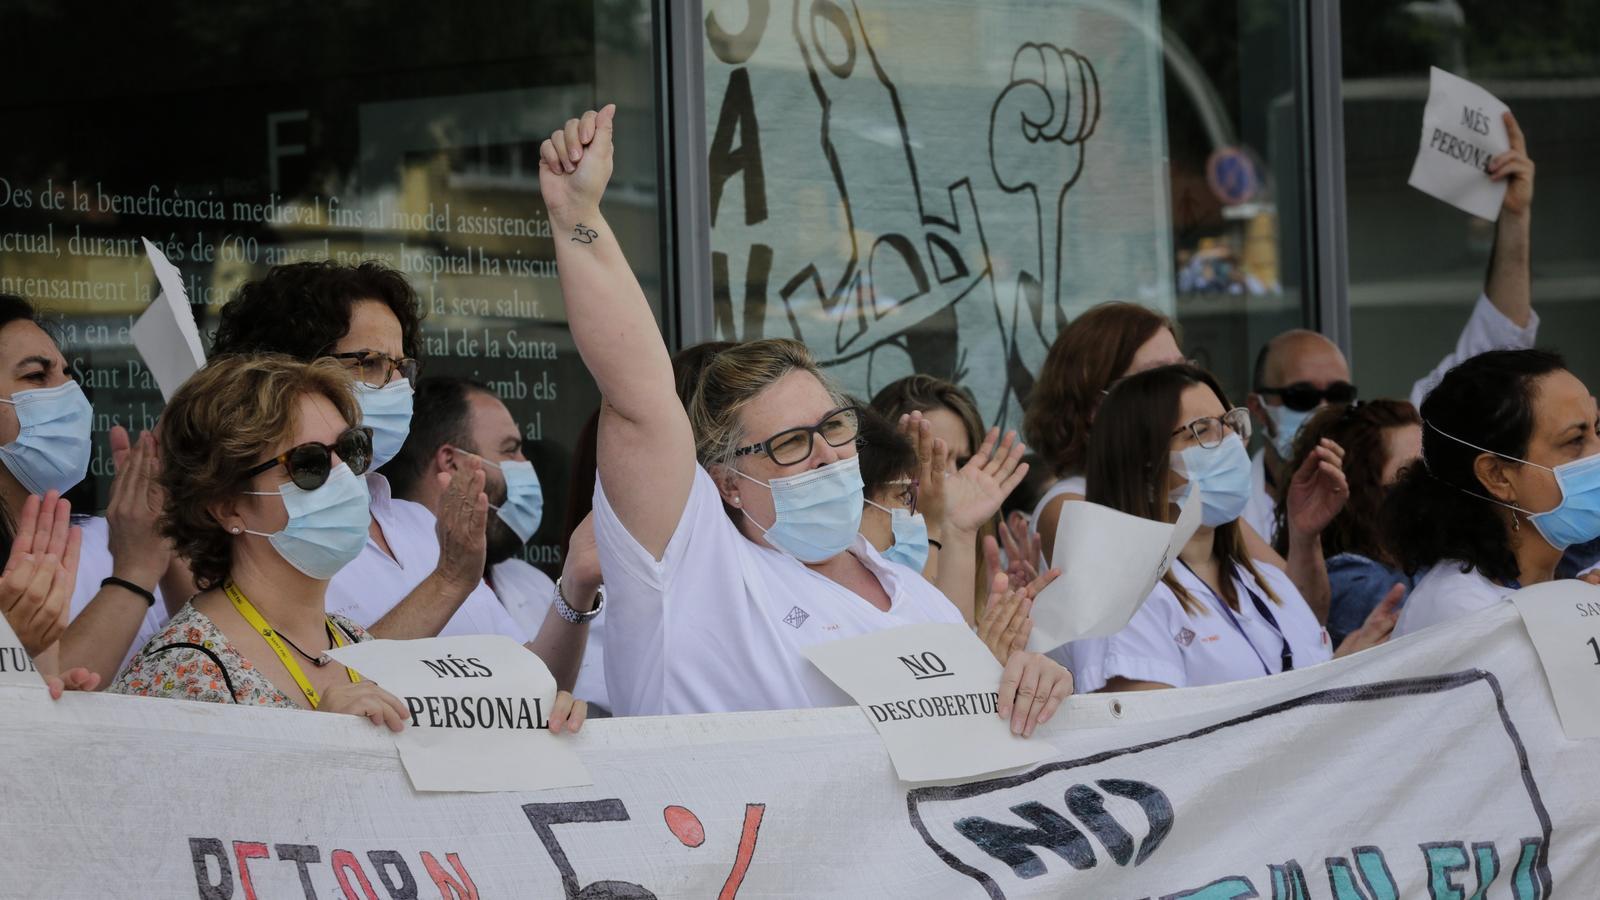 El Govern compensarà els professionals sanitaris amb una paga extra a l'agost d'entre 350 i 1.350 euros